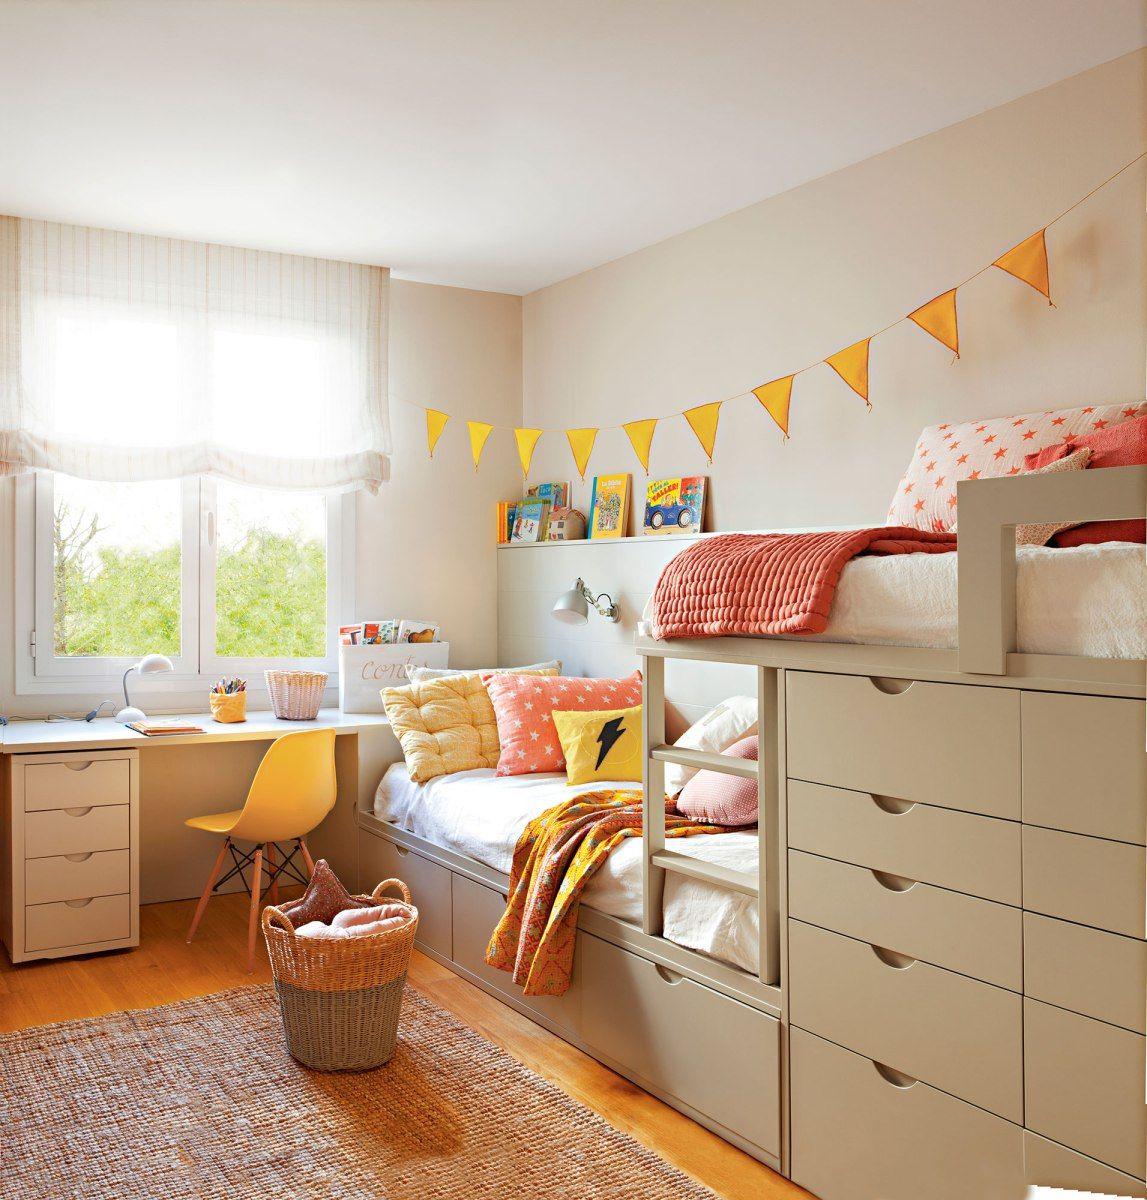 Compartir espacio ya no es un problema | El dormitorio, Cuarto de ...